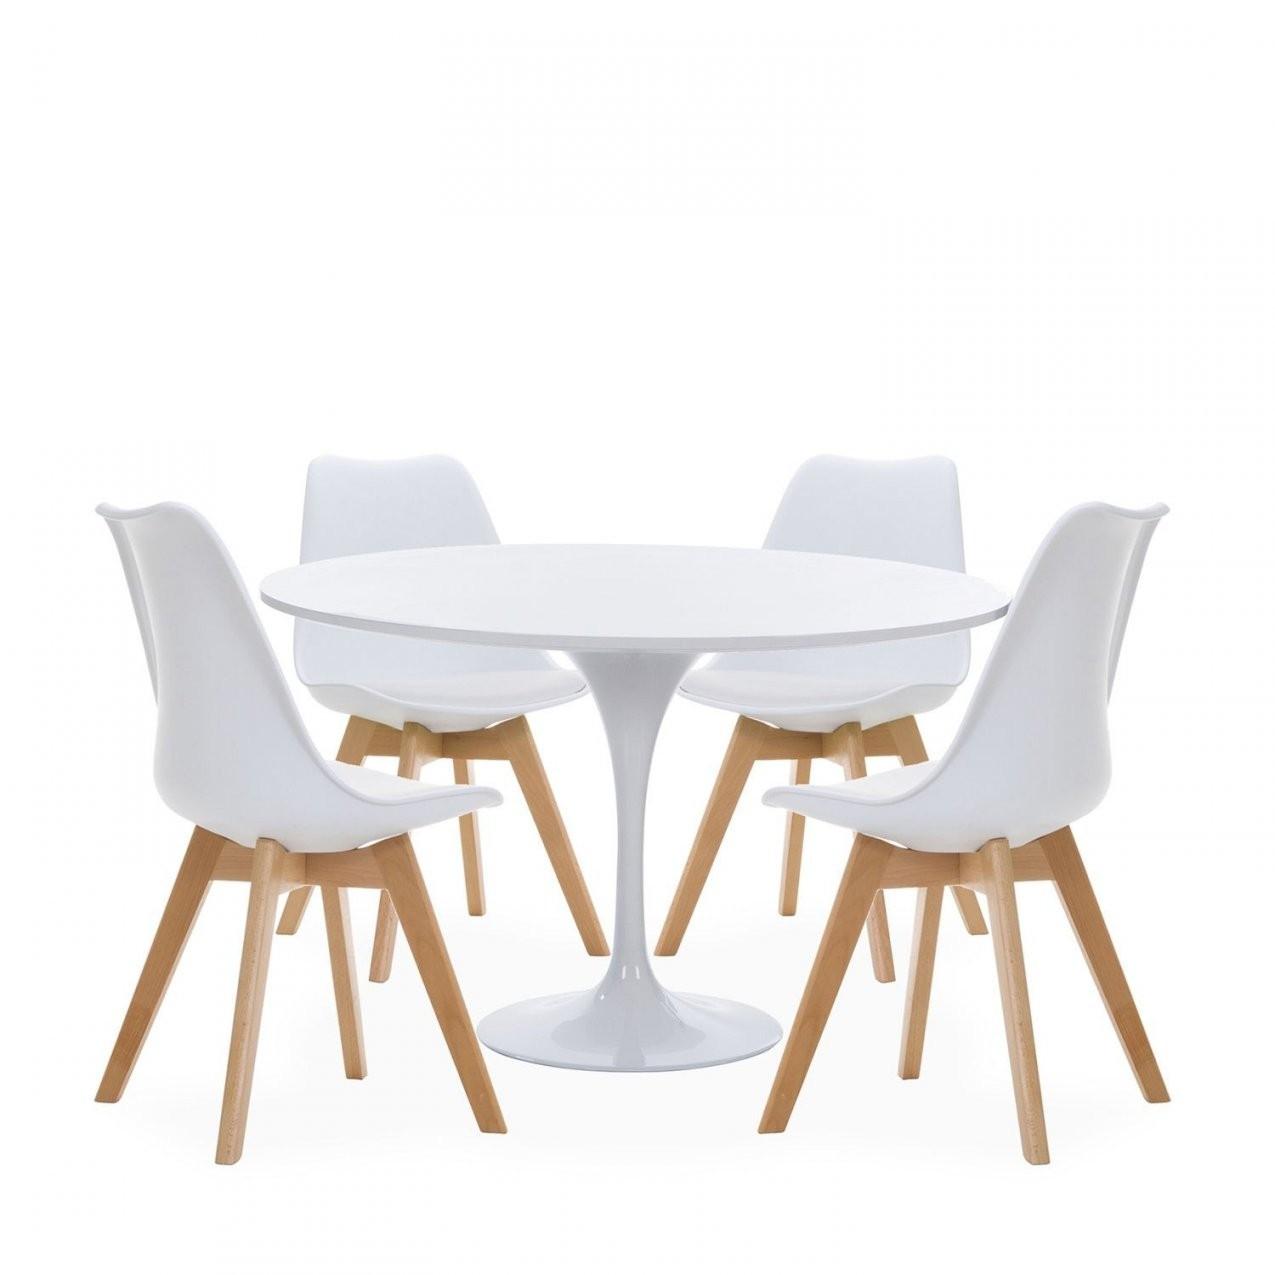 Stühle Lustig Skandinavische Stühle Klassiker Skandinavische von Skandinavische Stühle Klassiker Photo